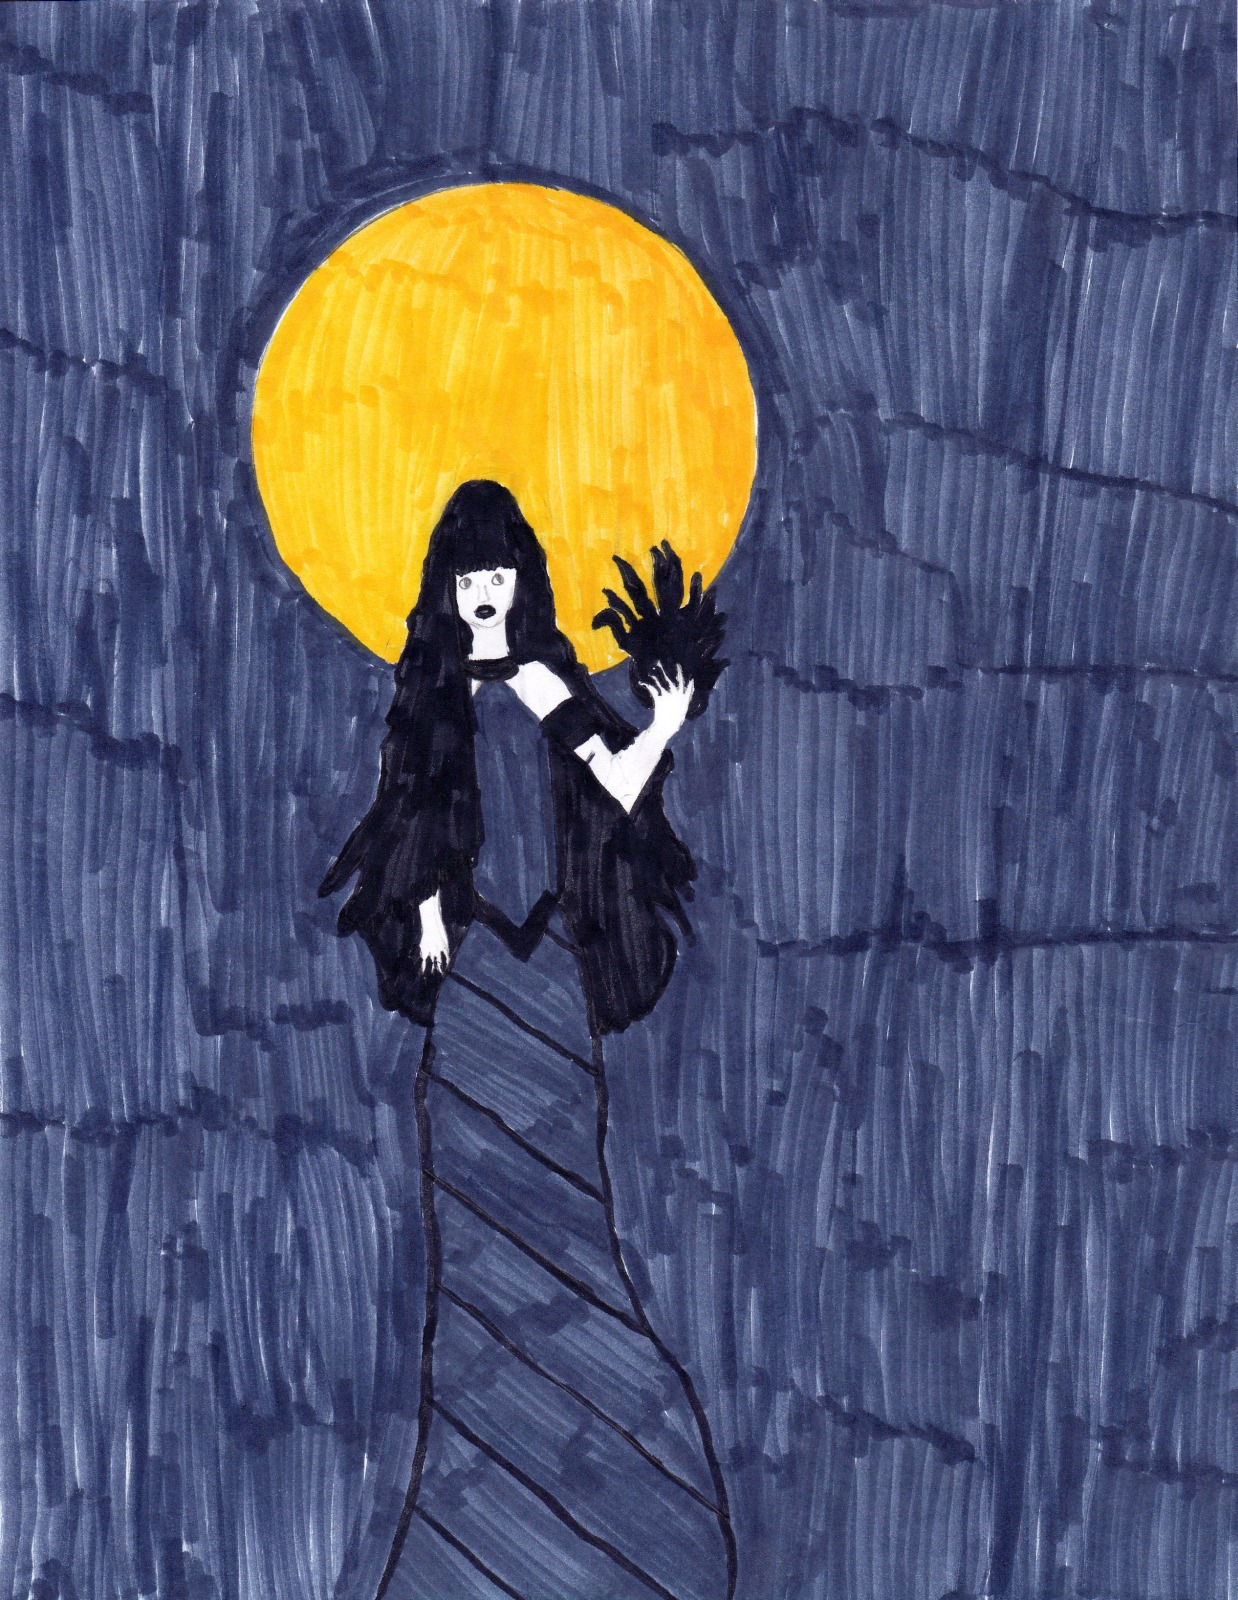 Nyx; House of Hades, artwork by Olivia Joachim